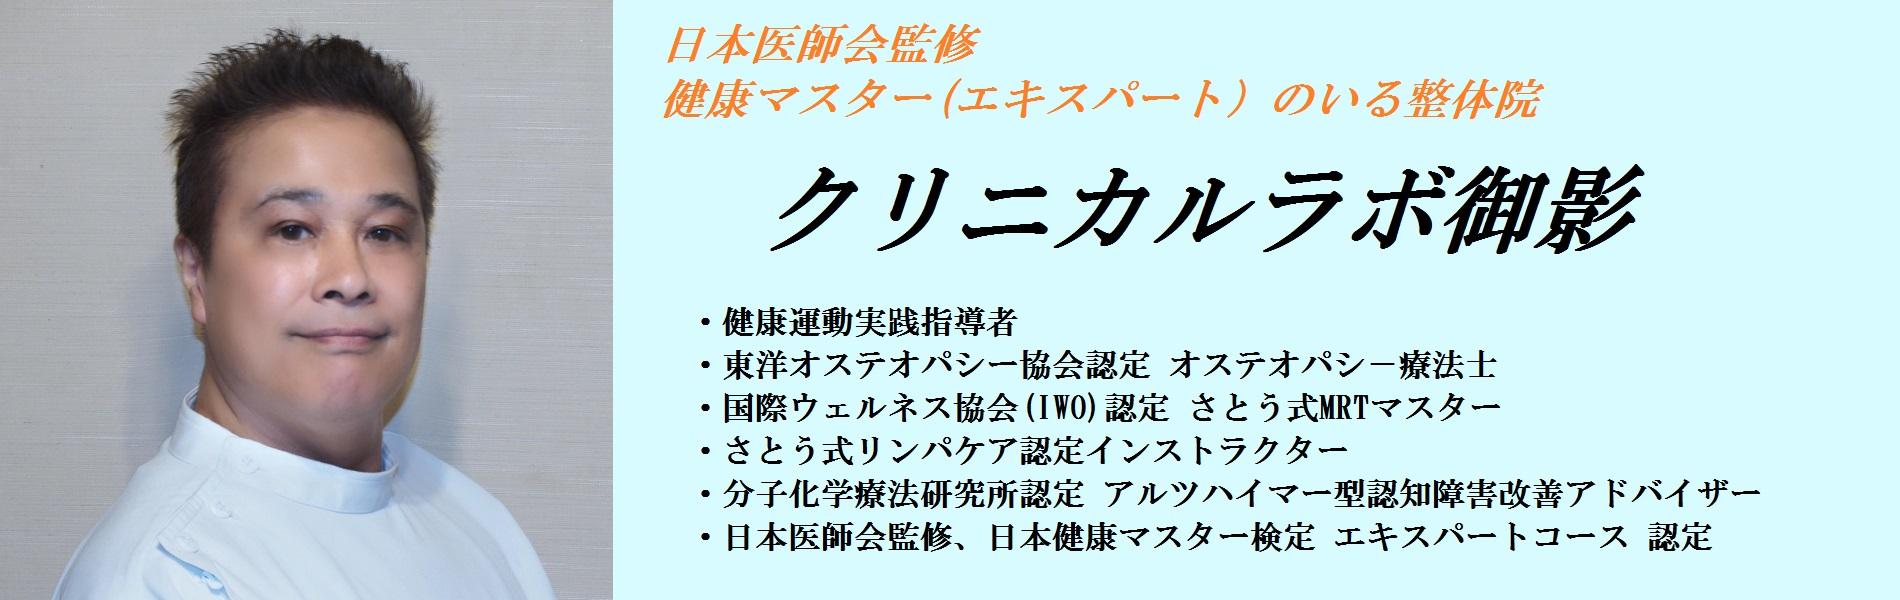 【神戸市東灘区の整体】さとう式リンパケアサロン『クリニカルラボ御影』のTOP写真2